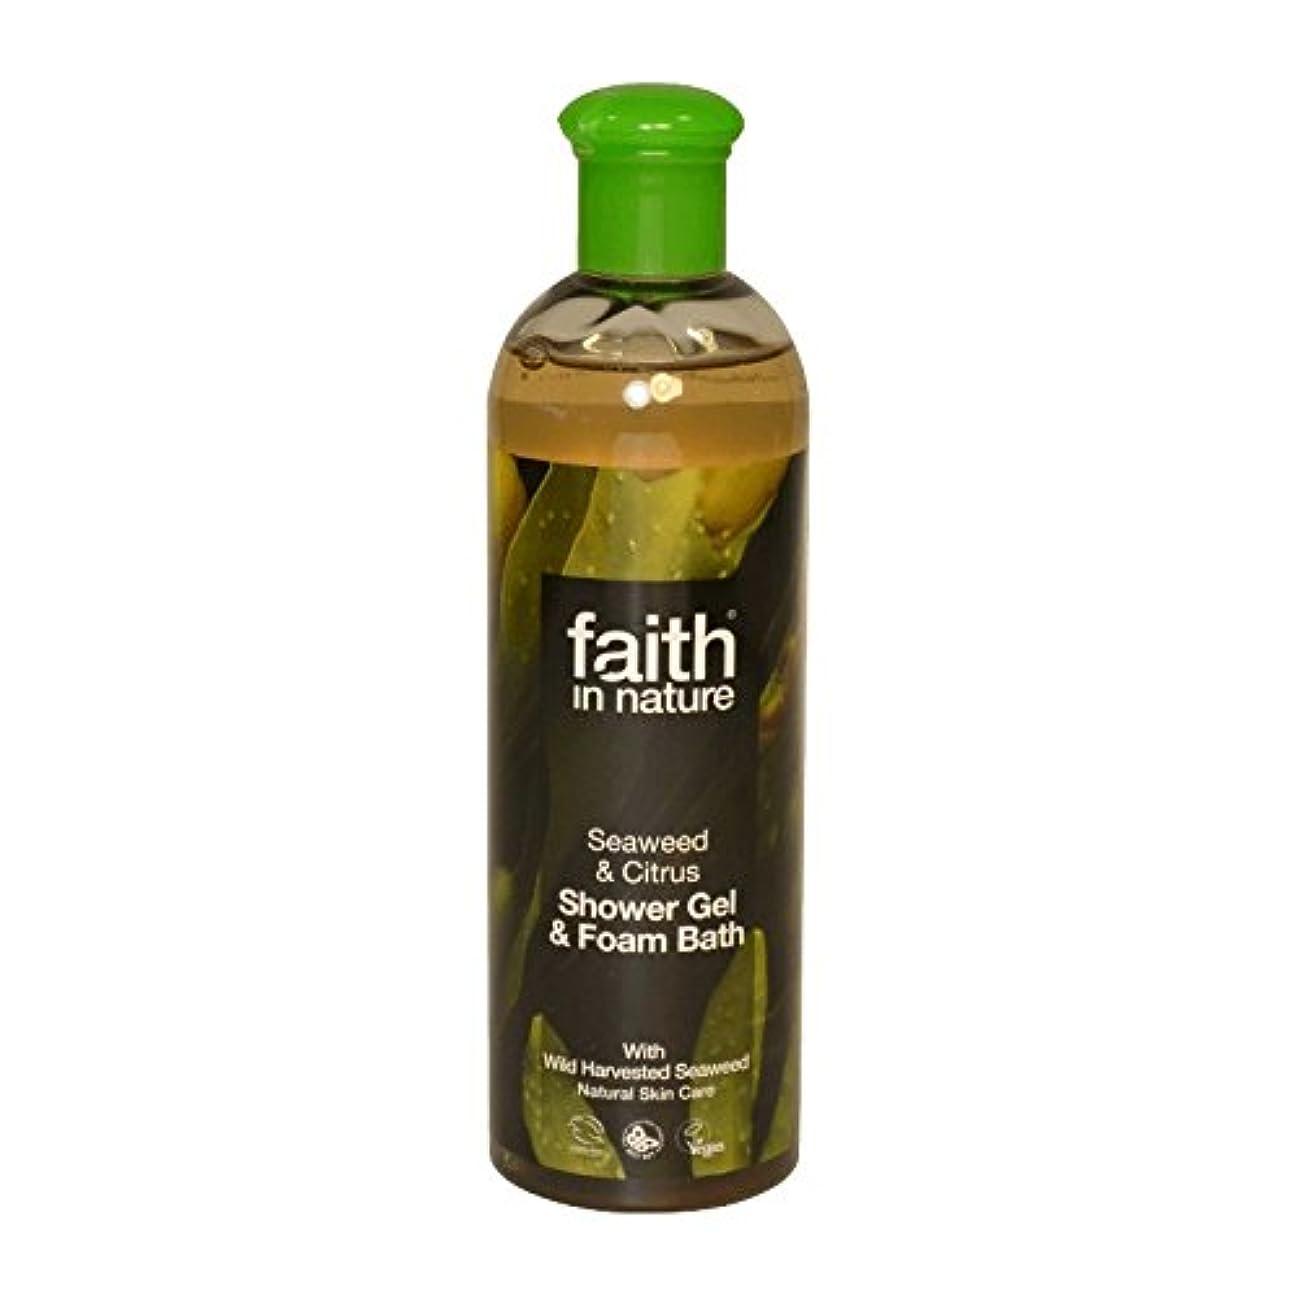 インキュバス酸化物気球Faith in Nature Seaweed & Citrus Shower Gel & Bath Foam 400ml (Pack of 6) - 自然の海藻&シトラスシャワージェル&バス泡400ミリリットルの信仰 (x6) [並行輸入品]